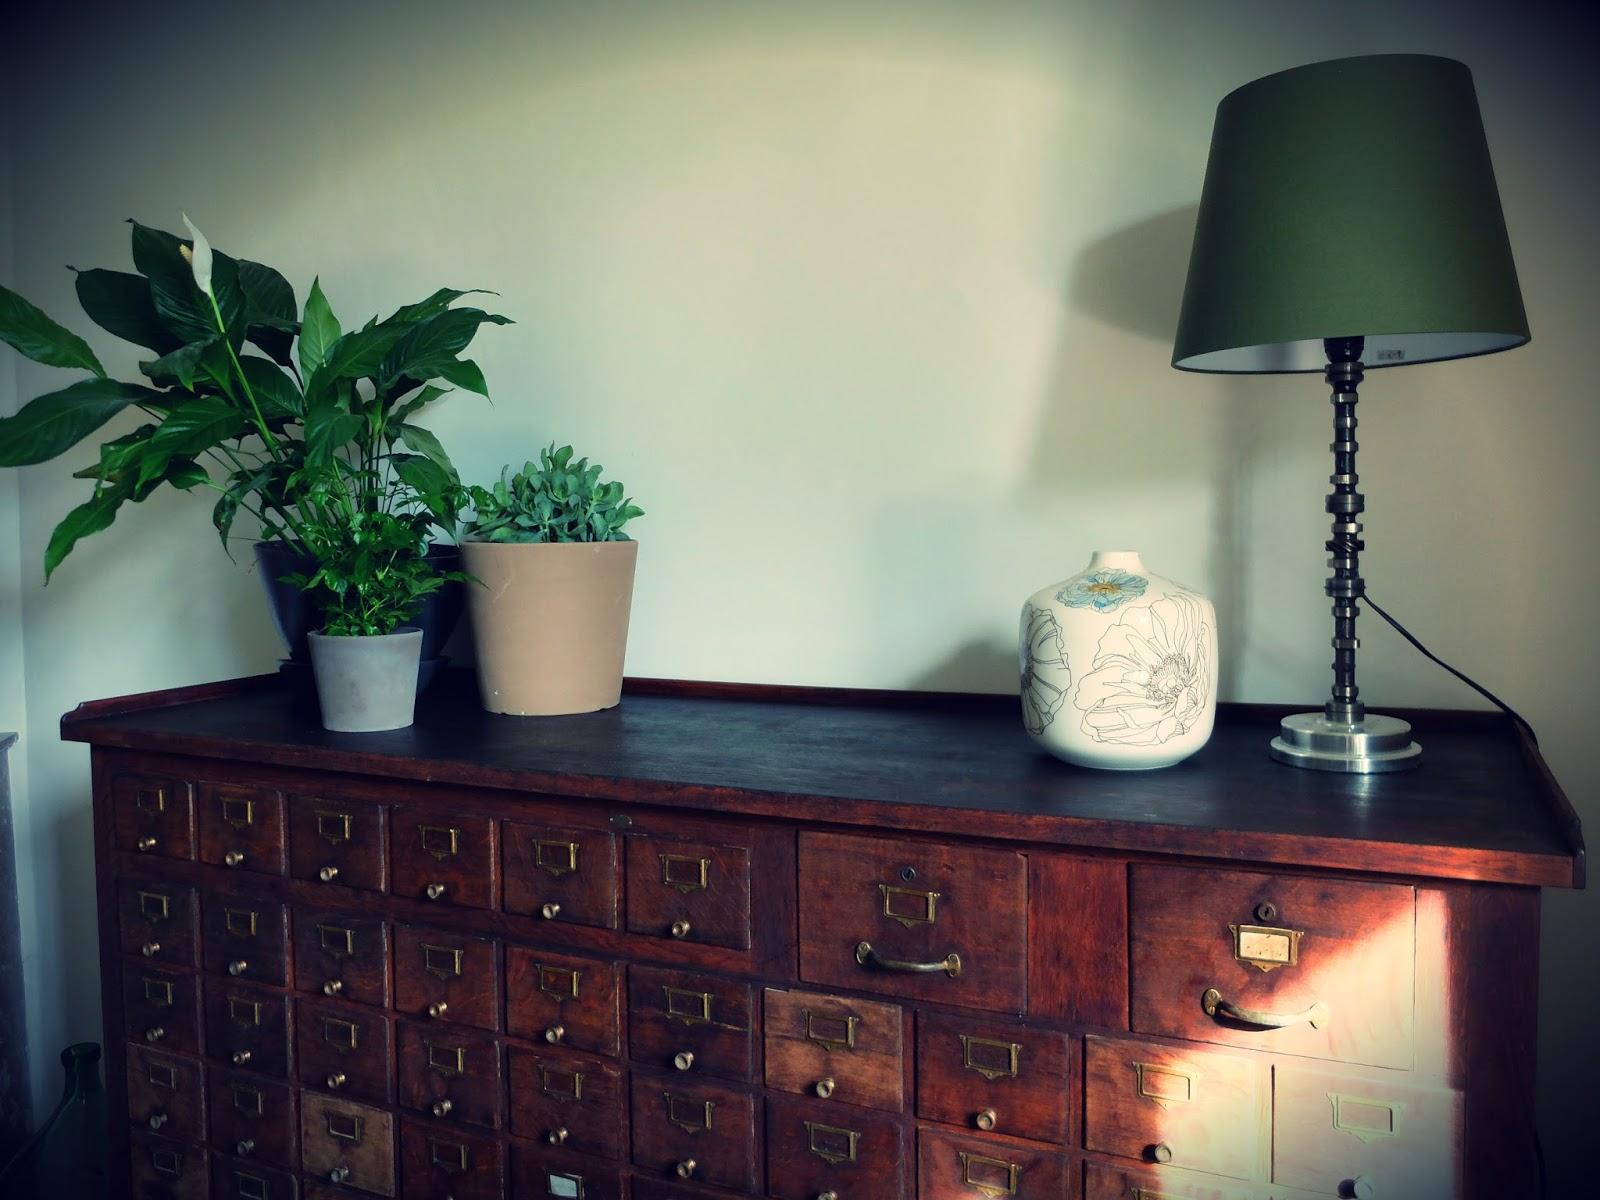 Restaurer un meuble ancien madame d core for Restaurer un meuble ancien